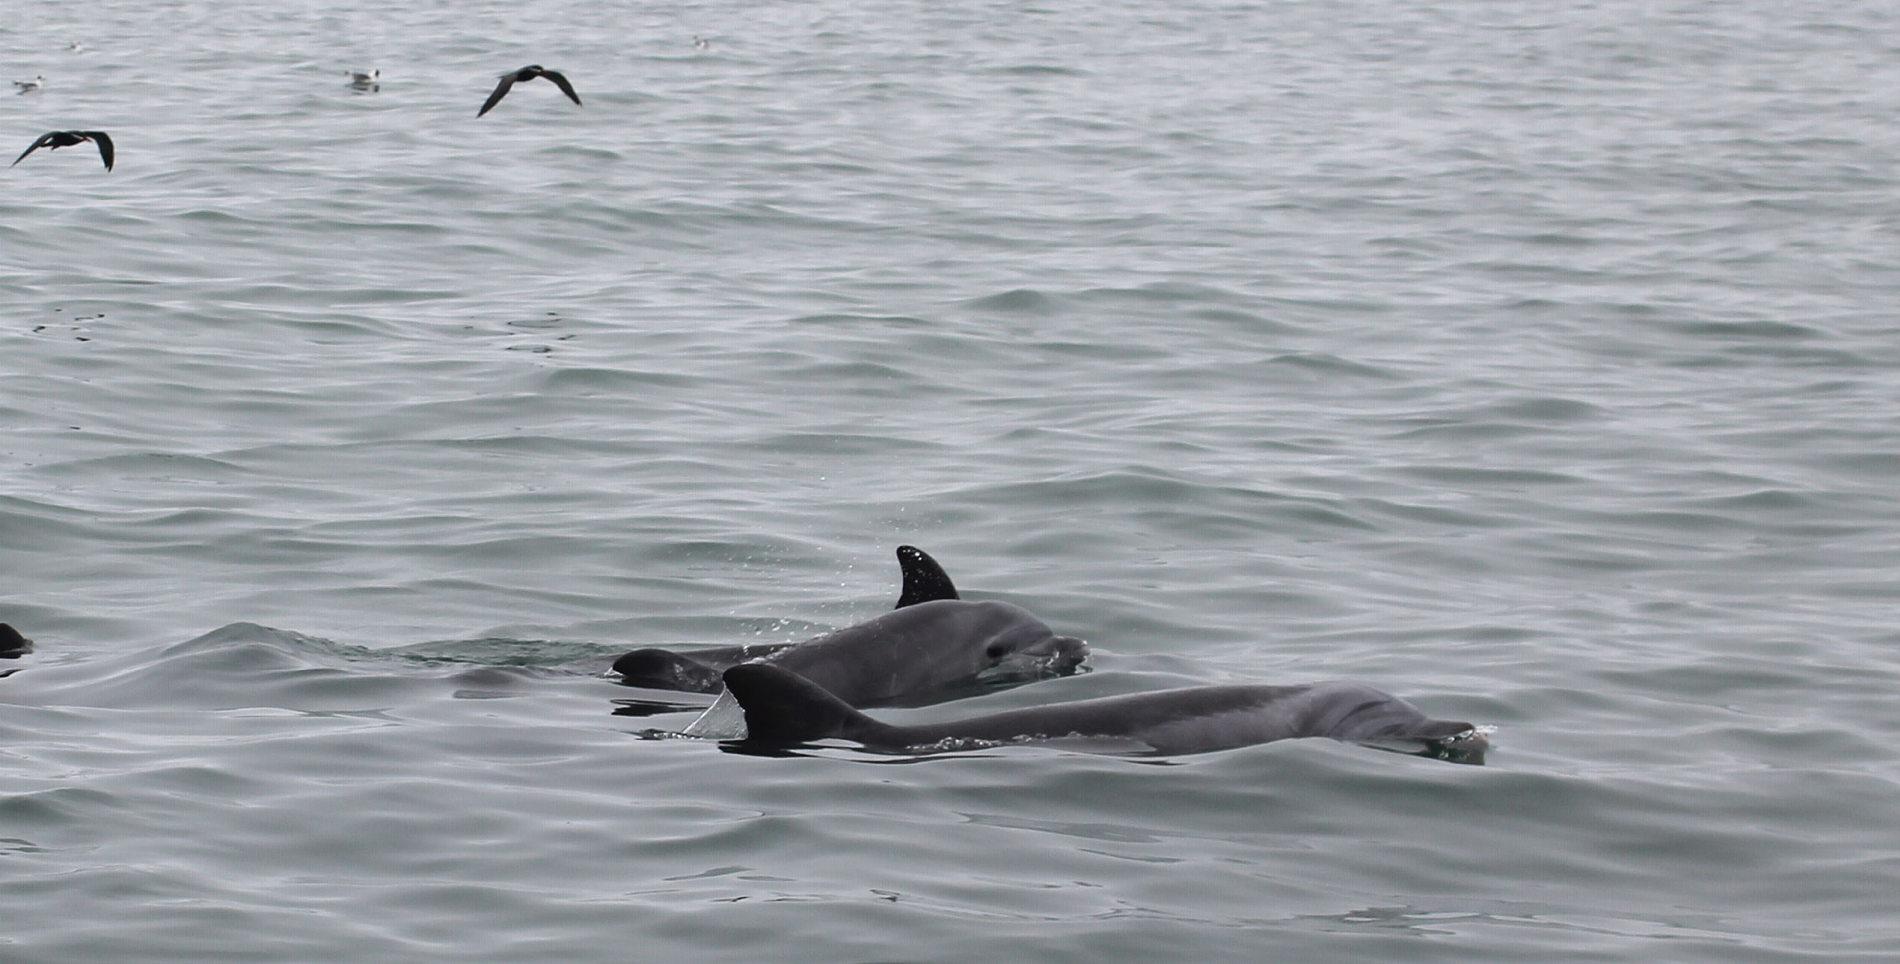 Neustart des Delfinschutzprojekts in Peru: Die Delfine waren während der ganzen Lockdown-Zeit da geblieben!